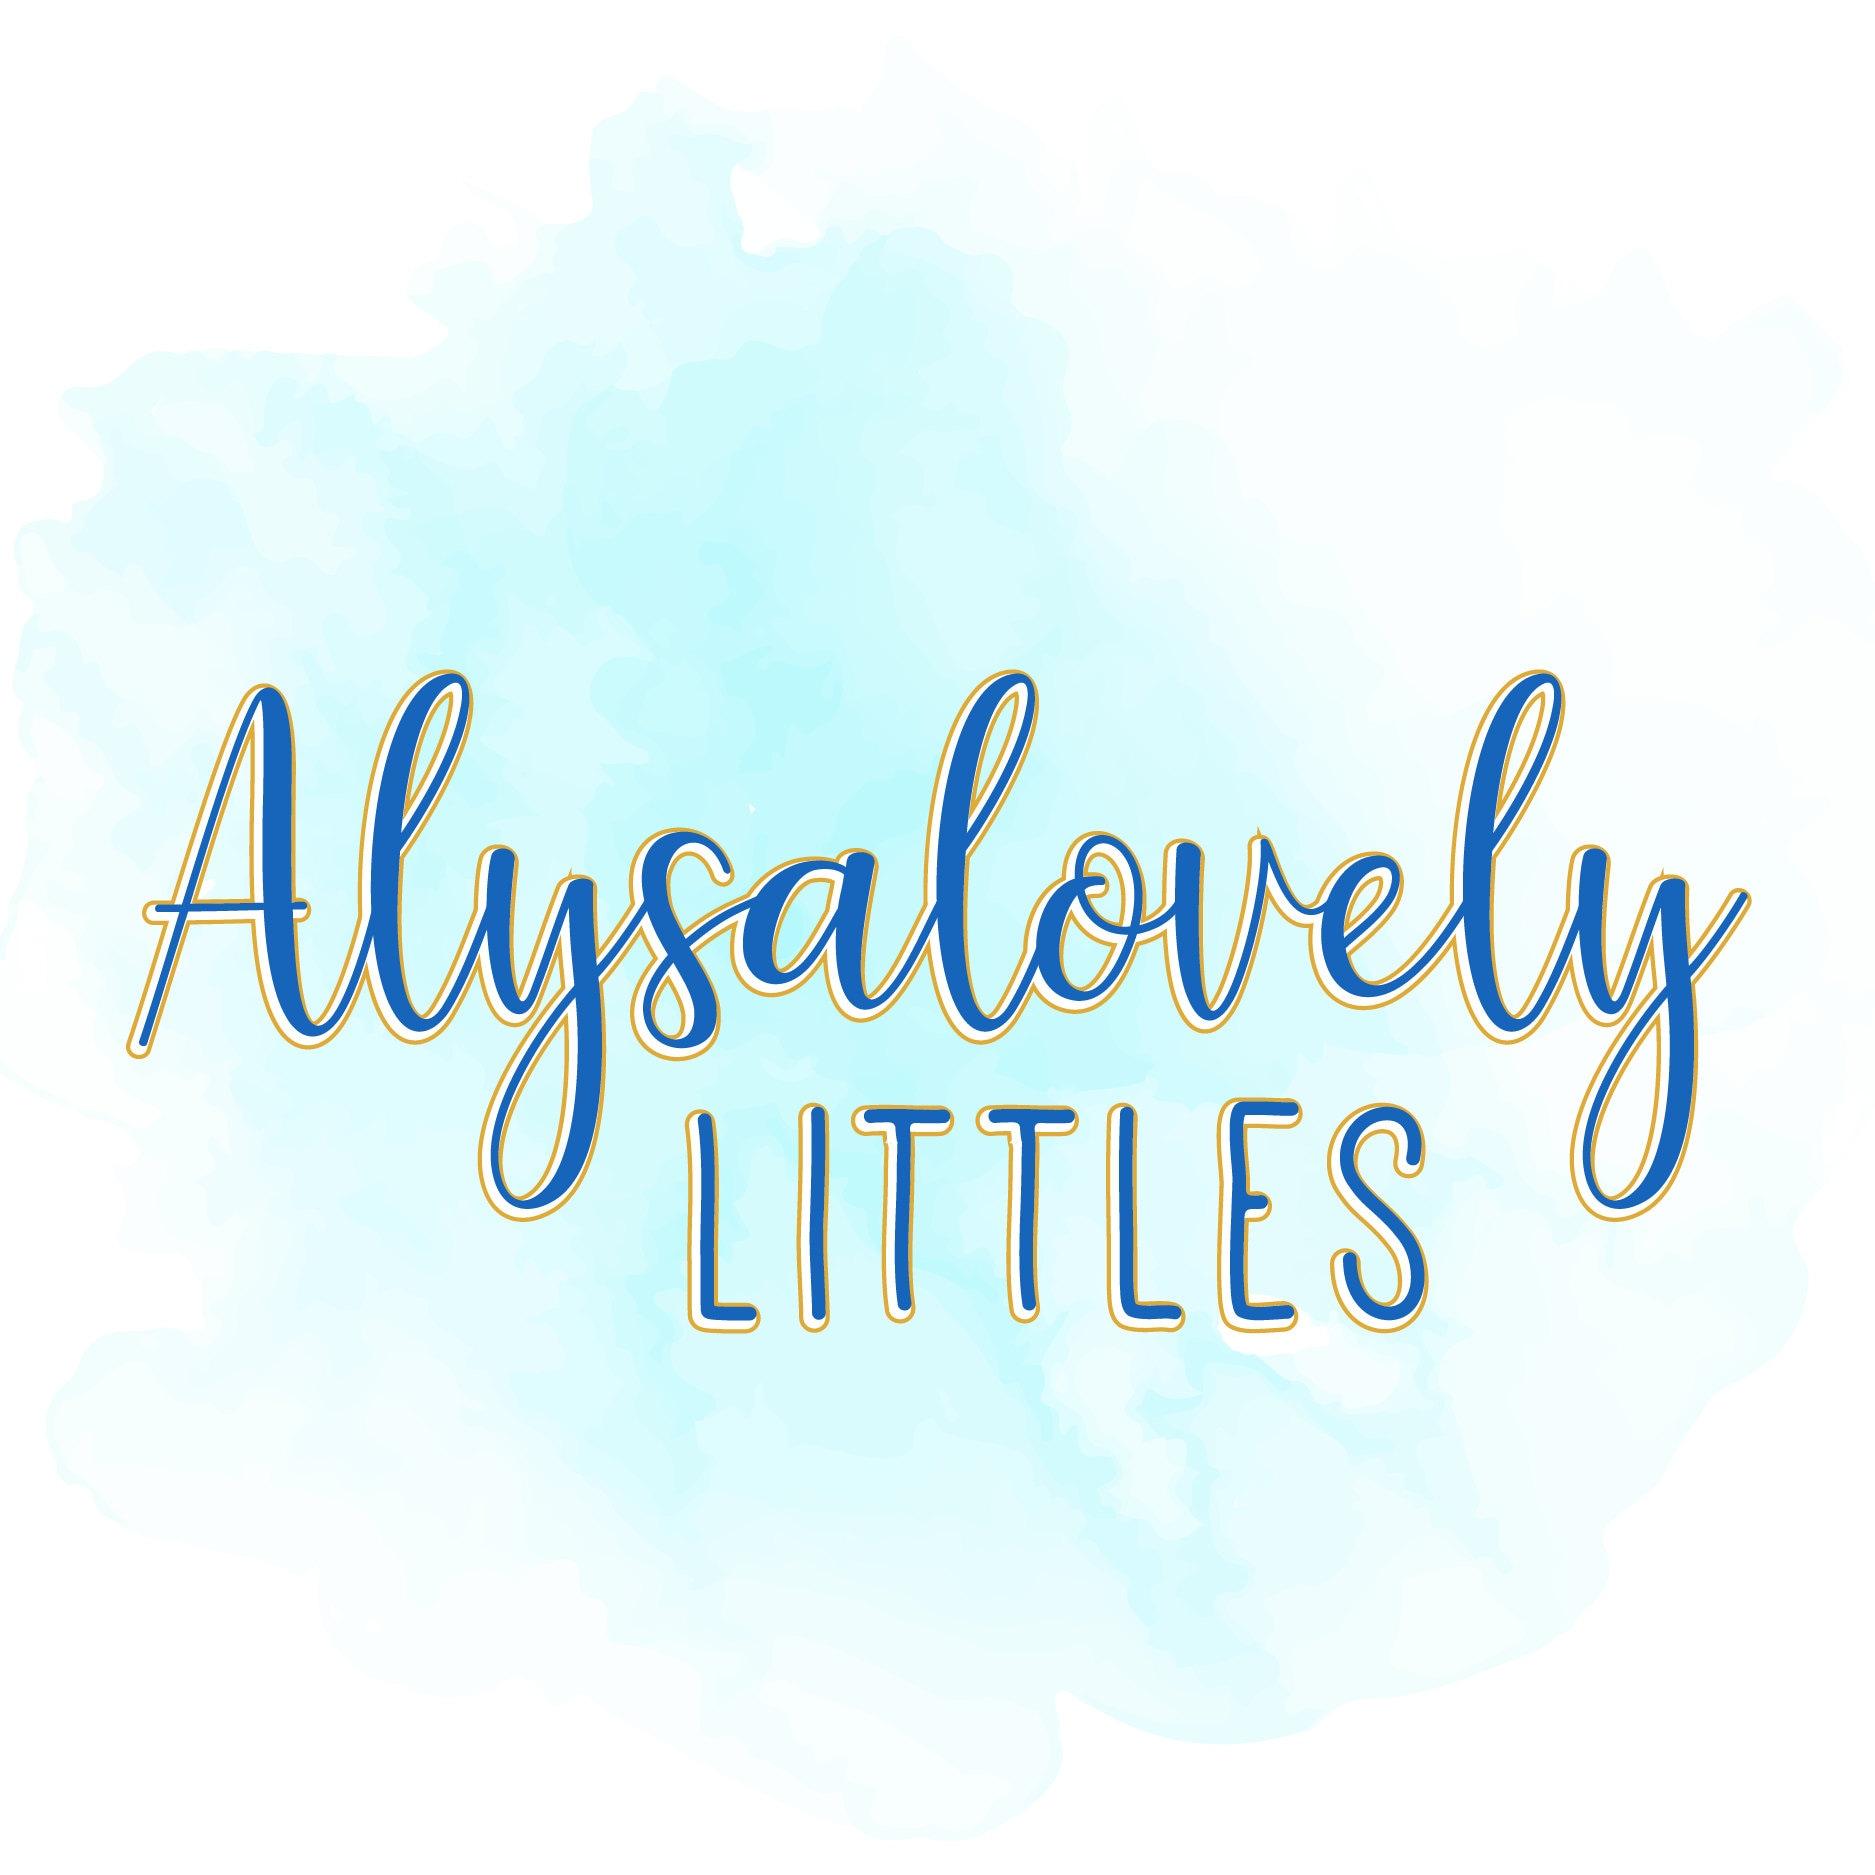 AlysalovelyLittles